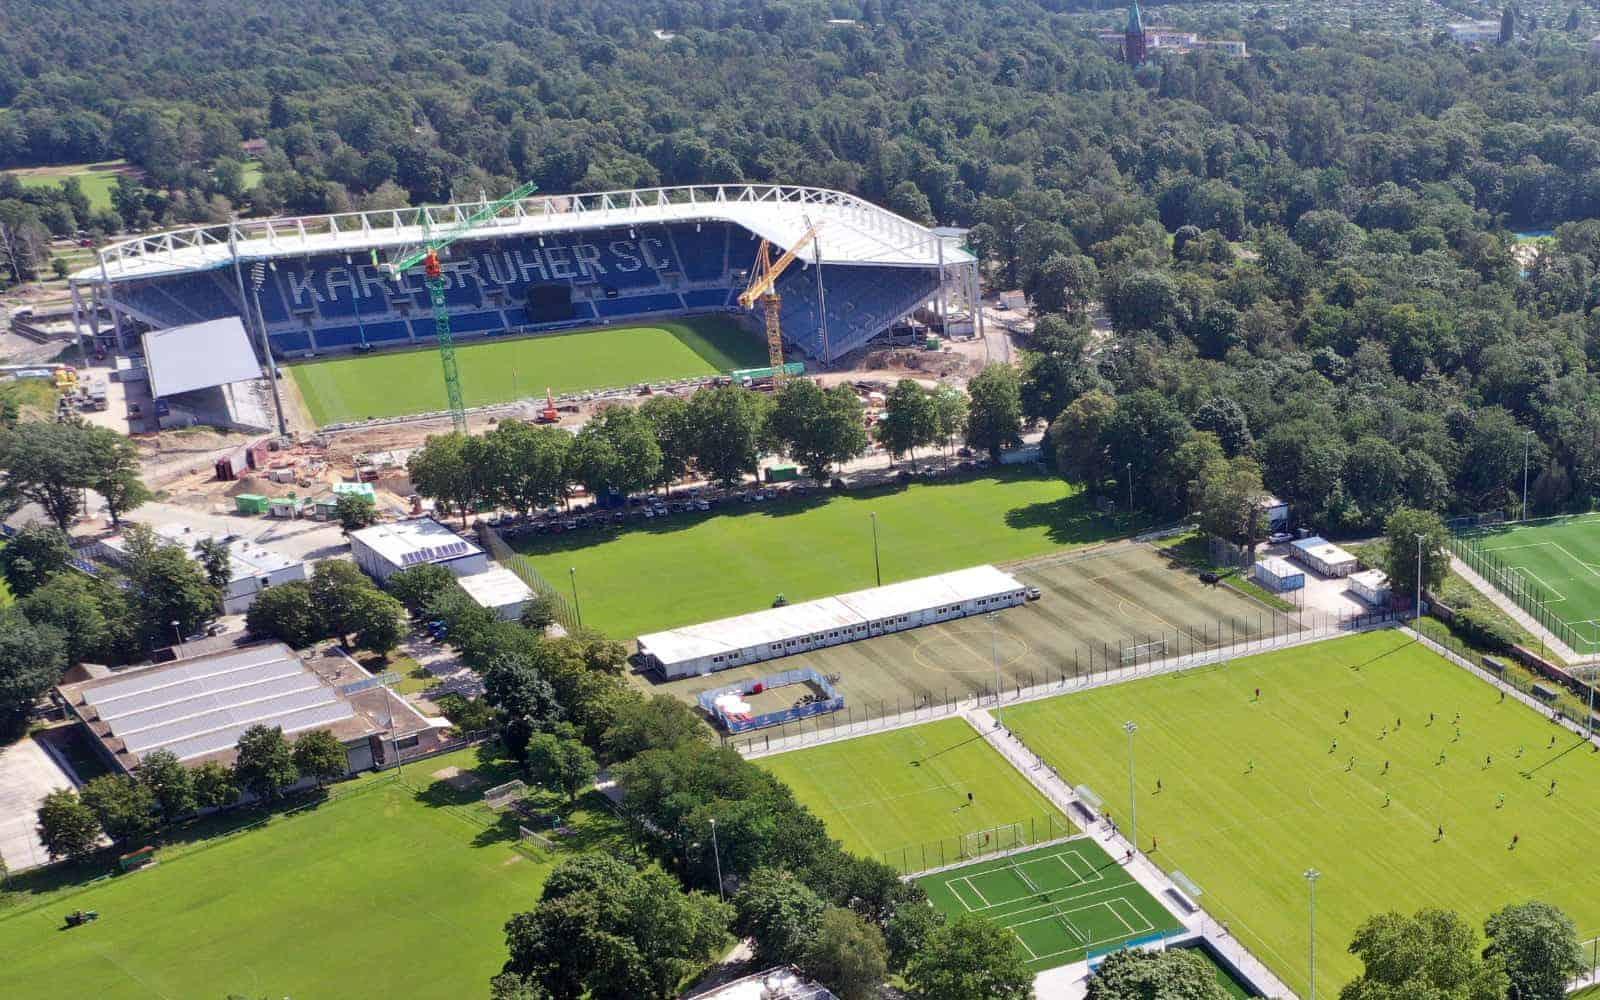 Der Karlsruher SC baut sein Stadion neu – und dabei auch die gesamte Zahlungsinfrastruktur. <Q>Karlsruher SC